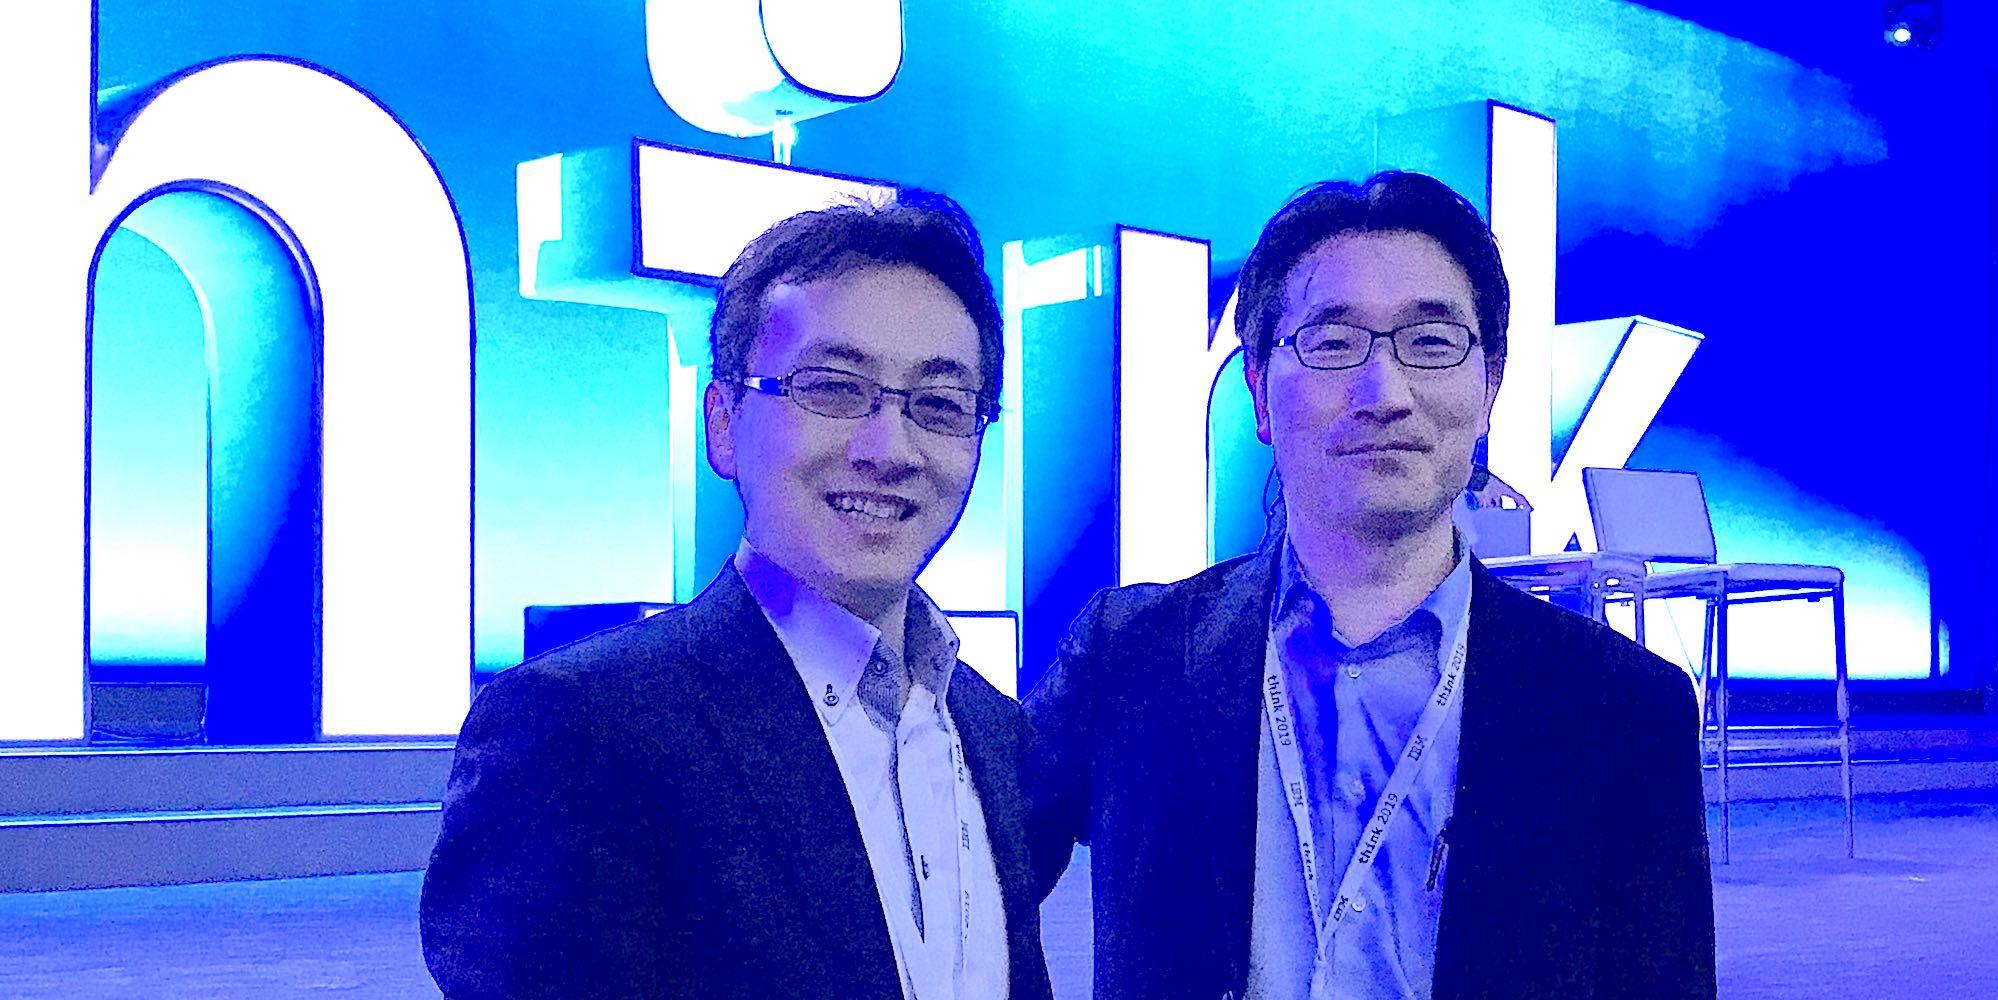 松下さんと藤巻さんの写真